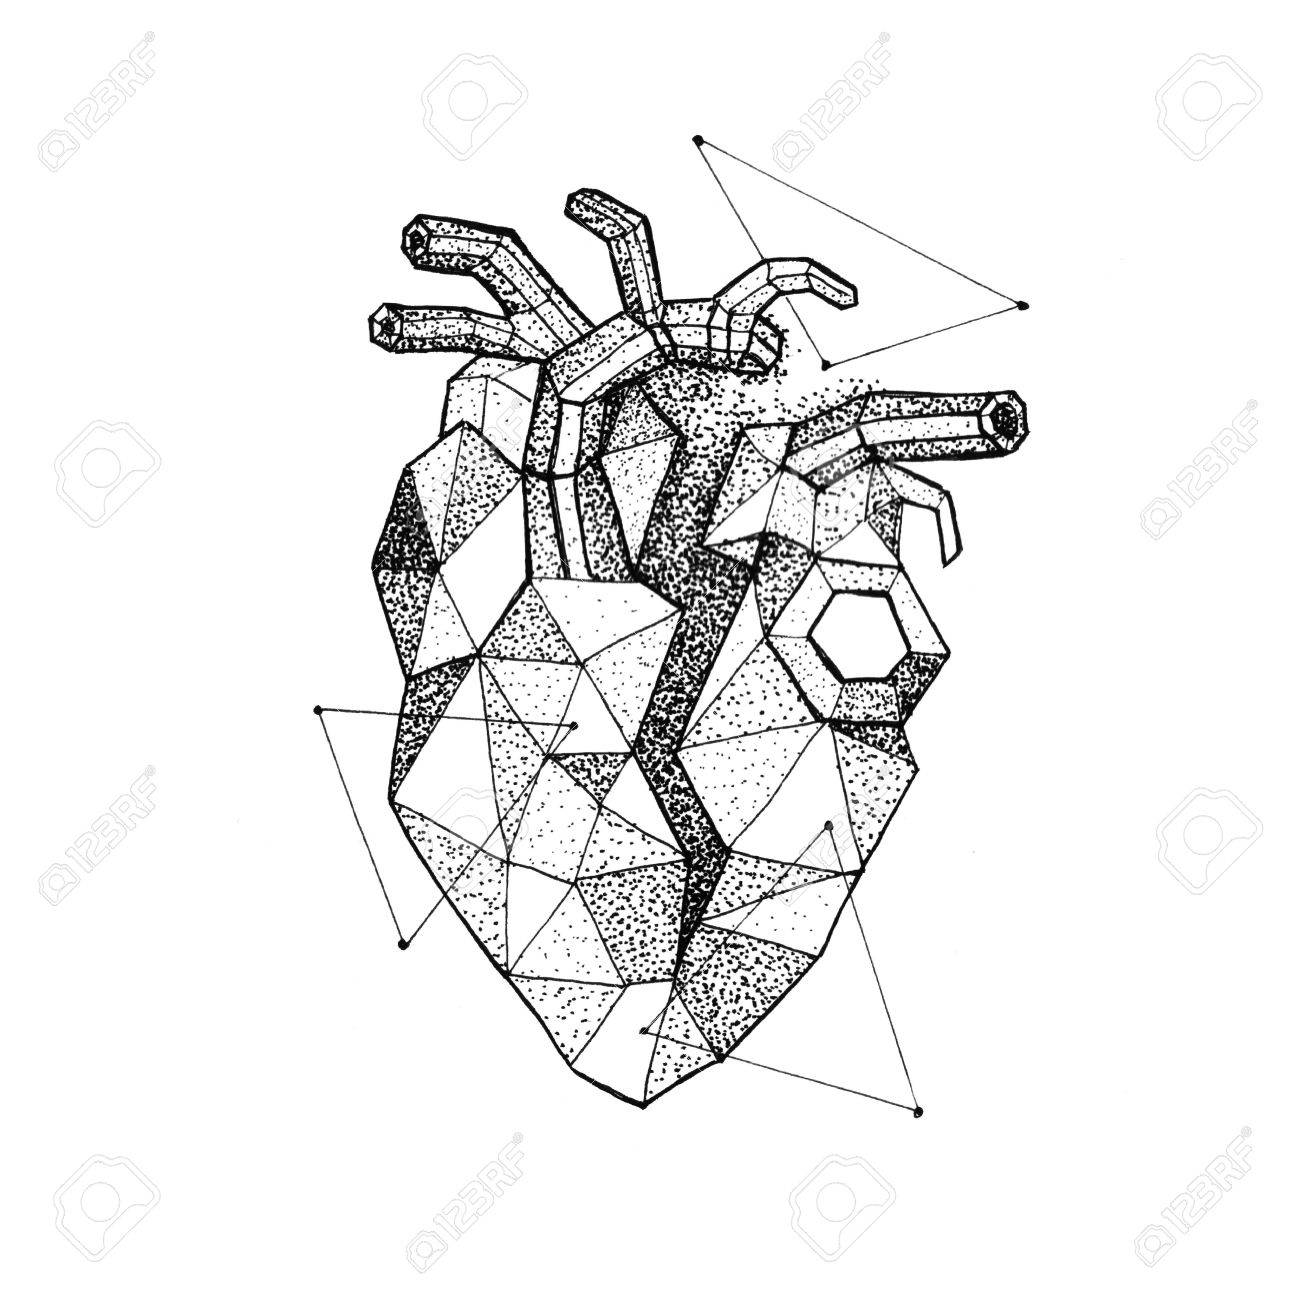 1300x1300 Polygonal Broken Heart Dotwork. Raster Illustration Of Hipster